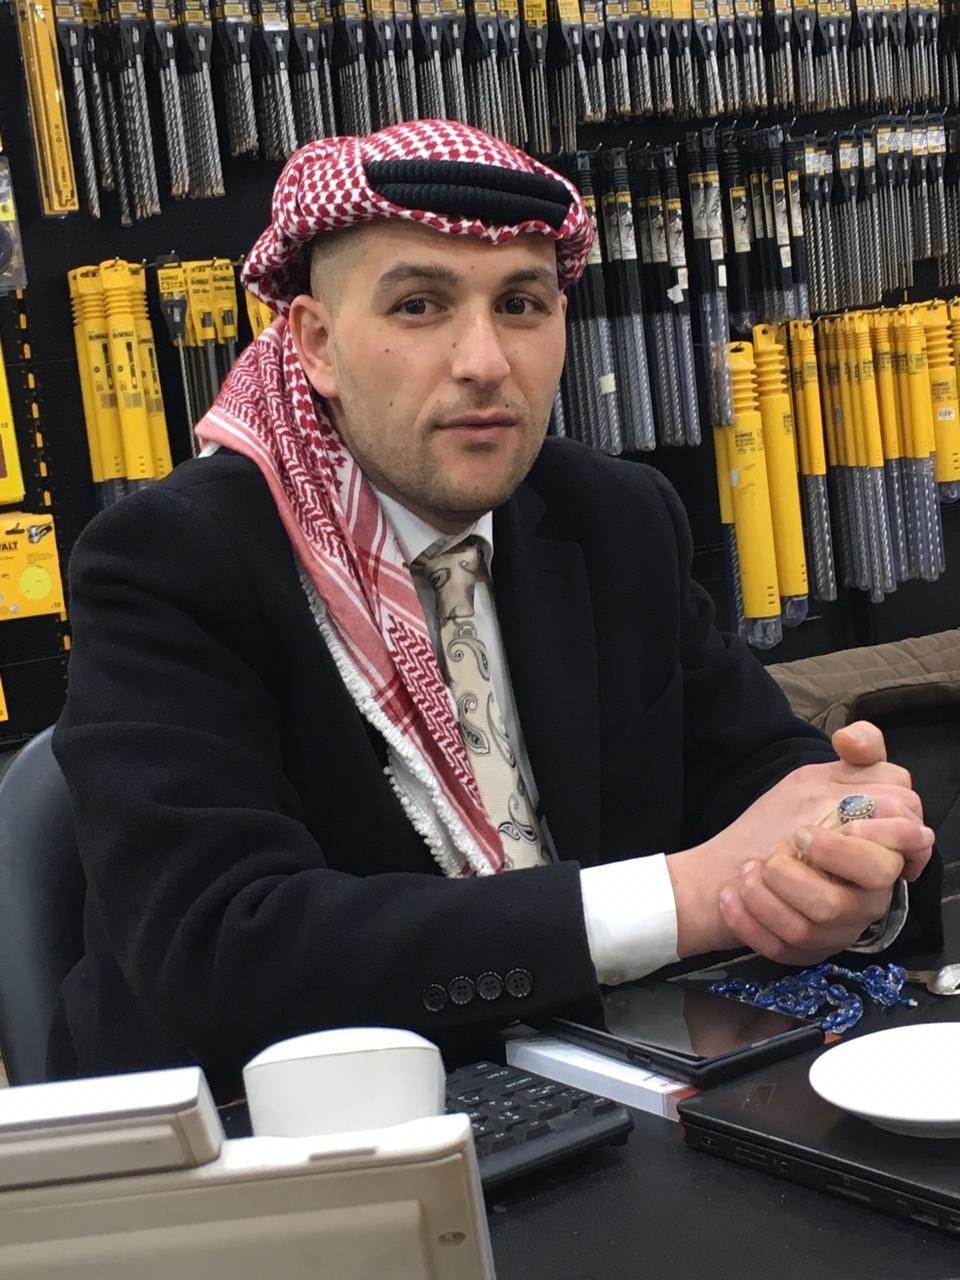 علاء البشيتي ..  رجل أعمال طموحه سبق عمره